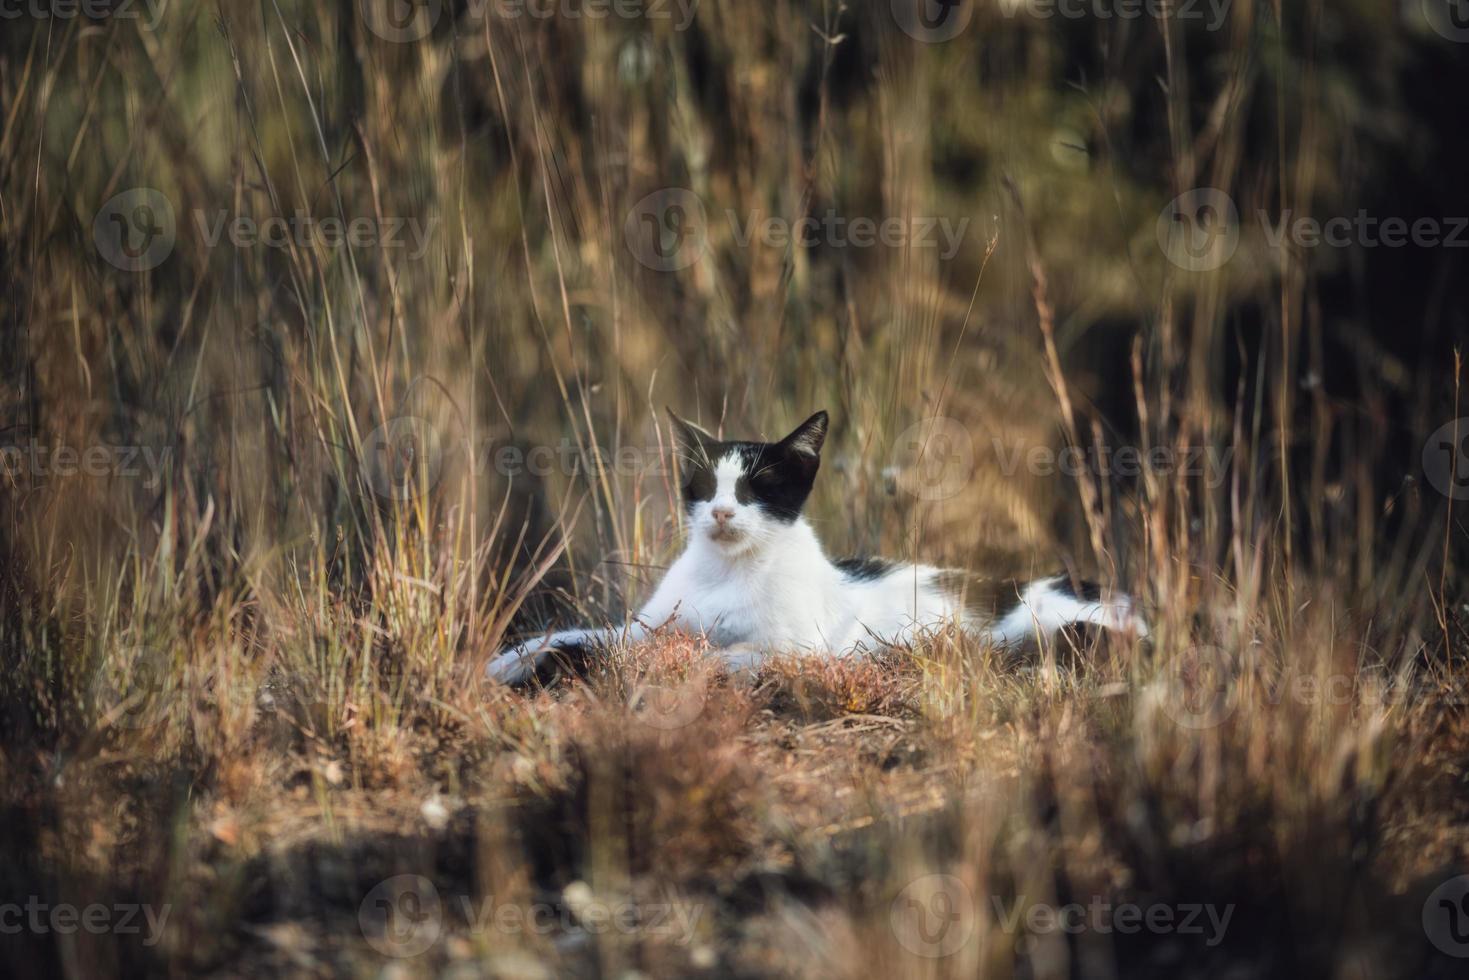 Hauskatze, schwarz-weiße Katze, die auf der Wiese liegt, er döst und hört auf seine Umgebung. foto